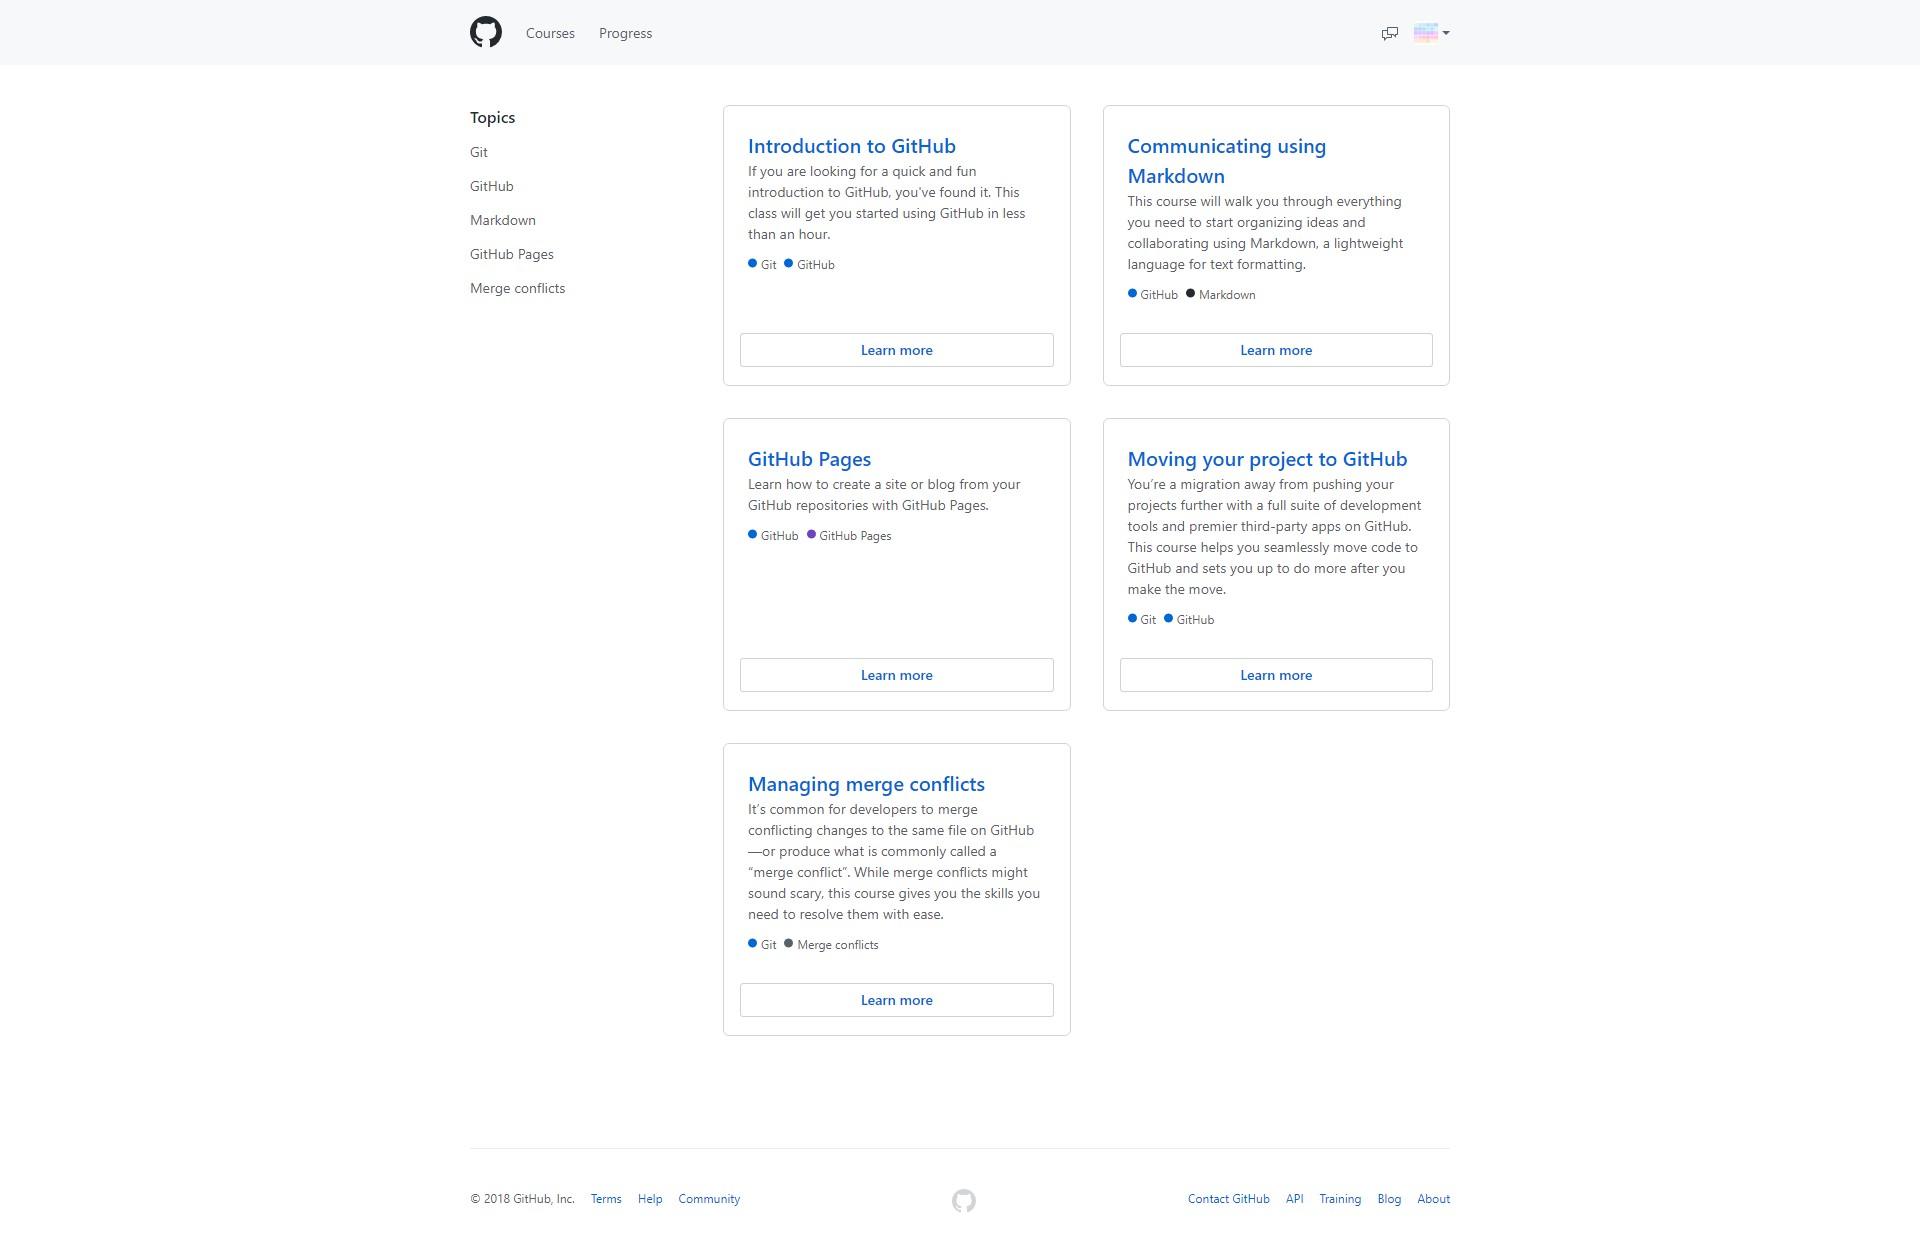 github_ll_courses.jpg